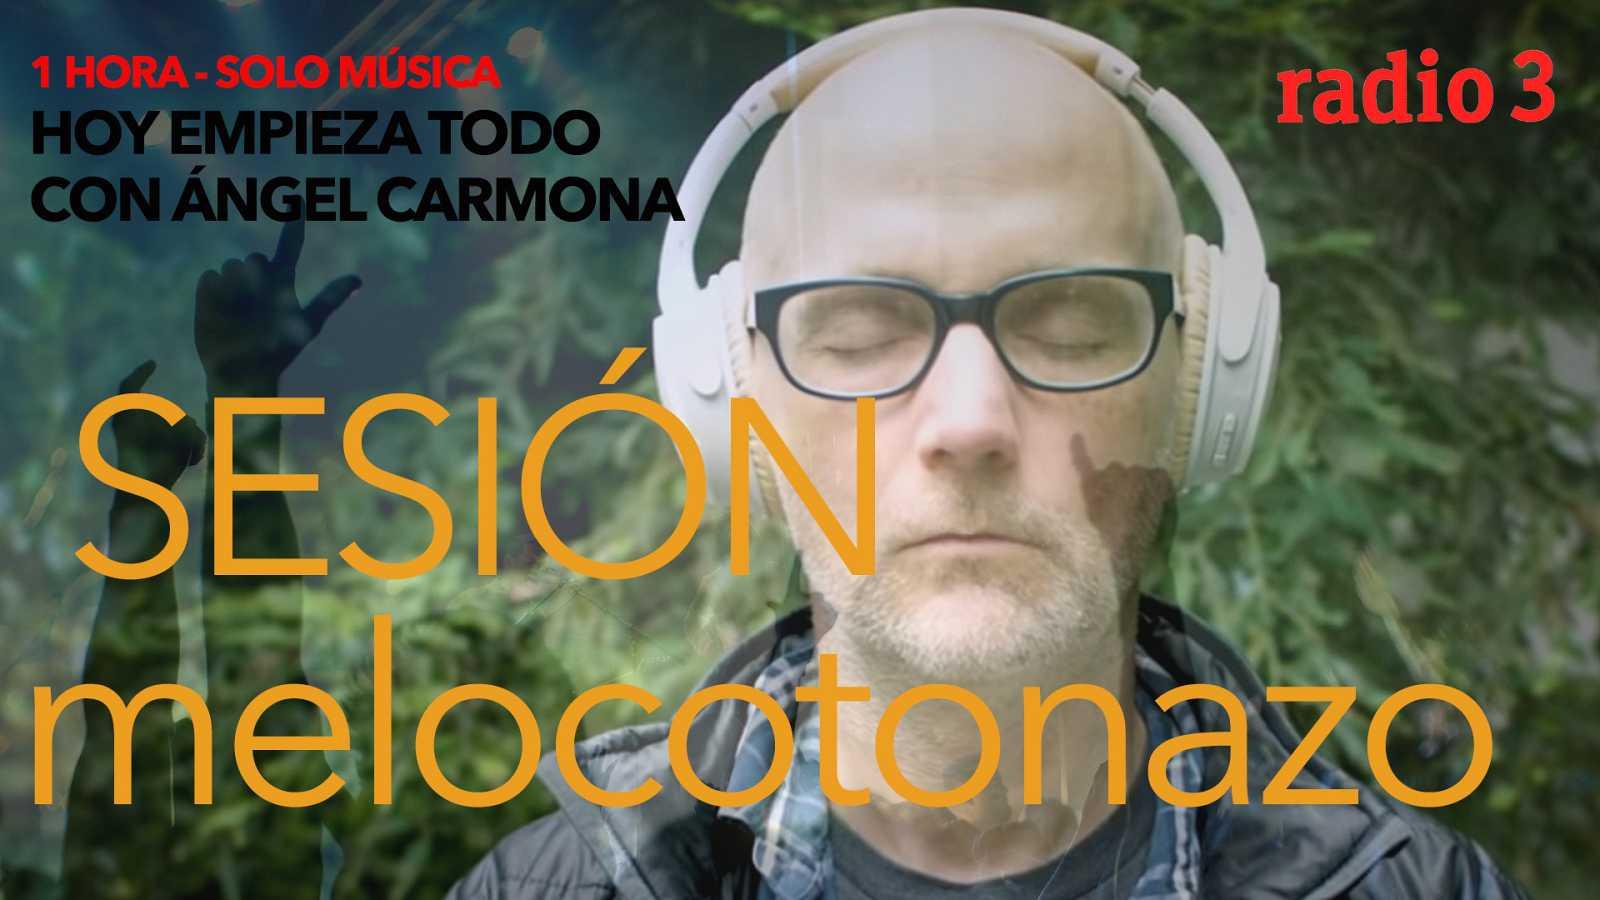 """Hoy empieza todo con Ángel Carmona - """"Sesión Melocotonazo"""": Moby, Foals... - 11/09/20 - escuchar ahora"""